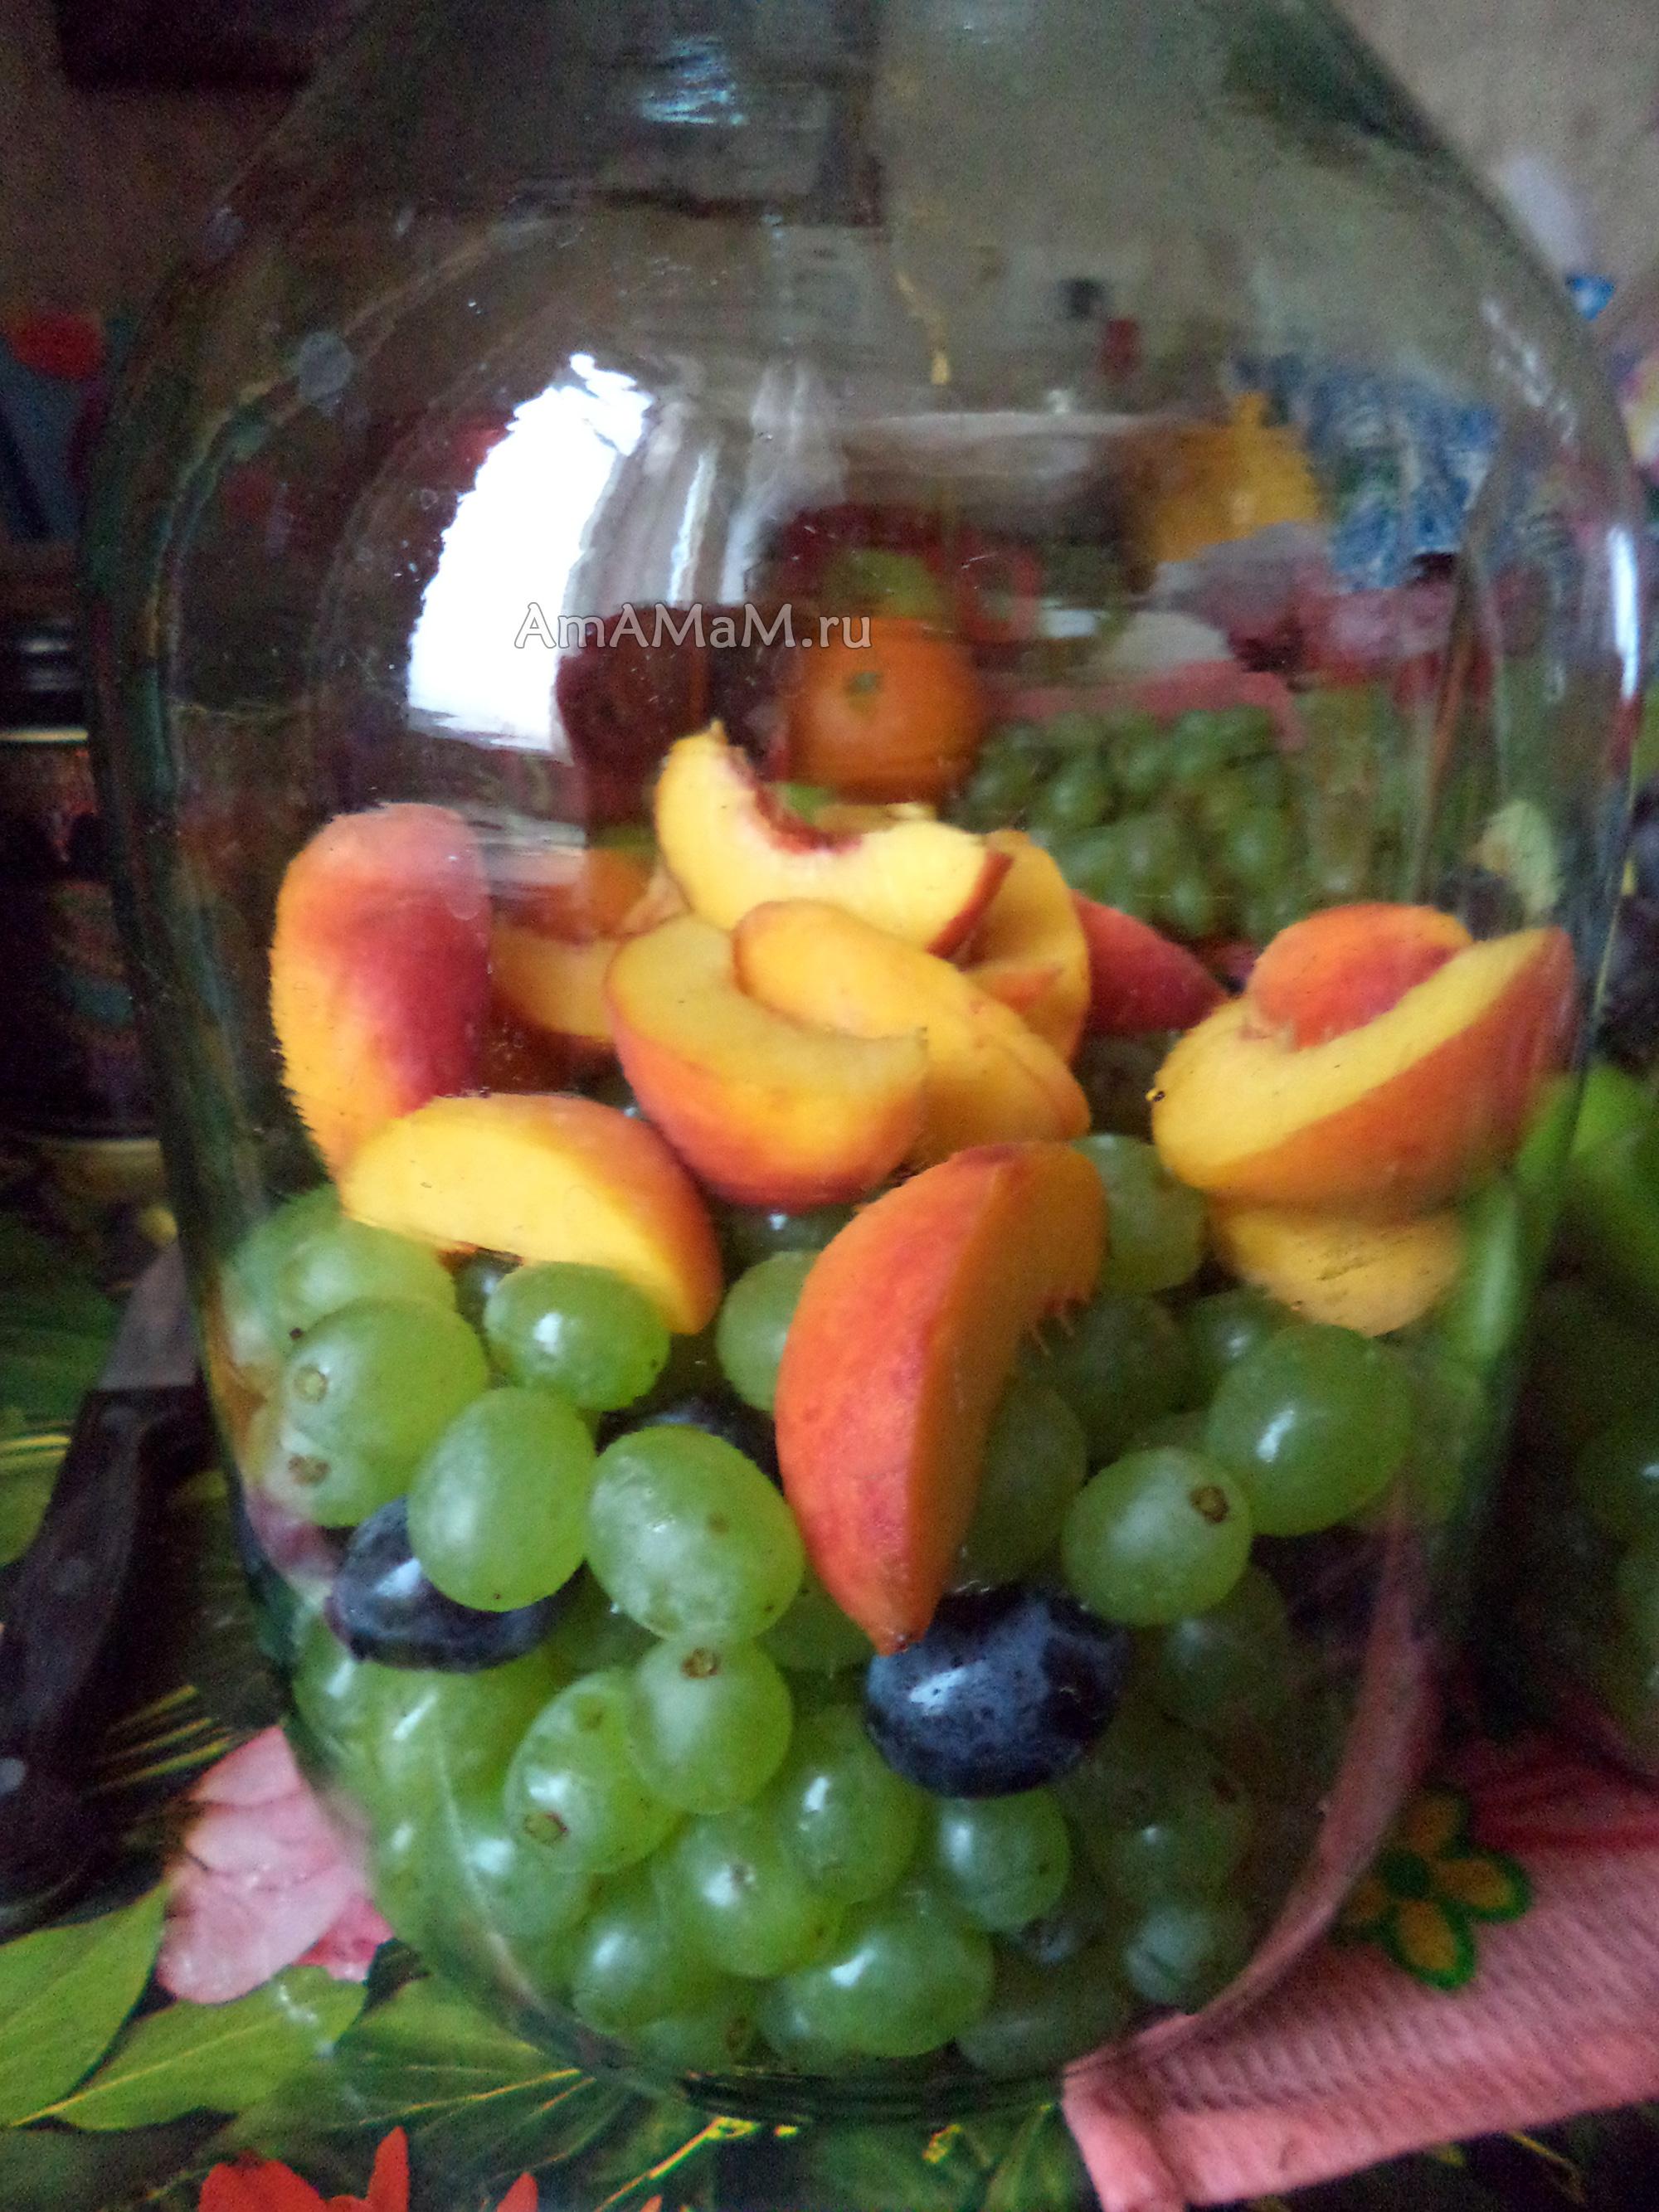 Компот из винограда на зиму - простой рецепт с пошаговыми фото 34